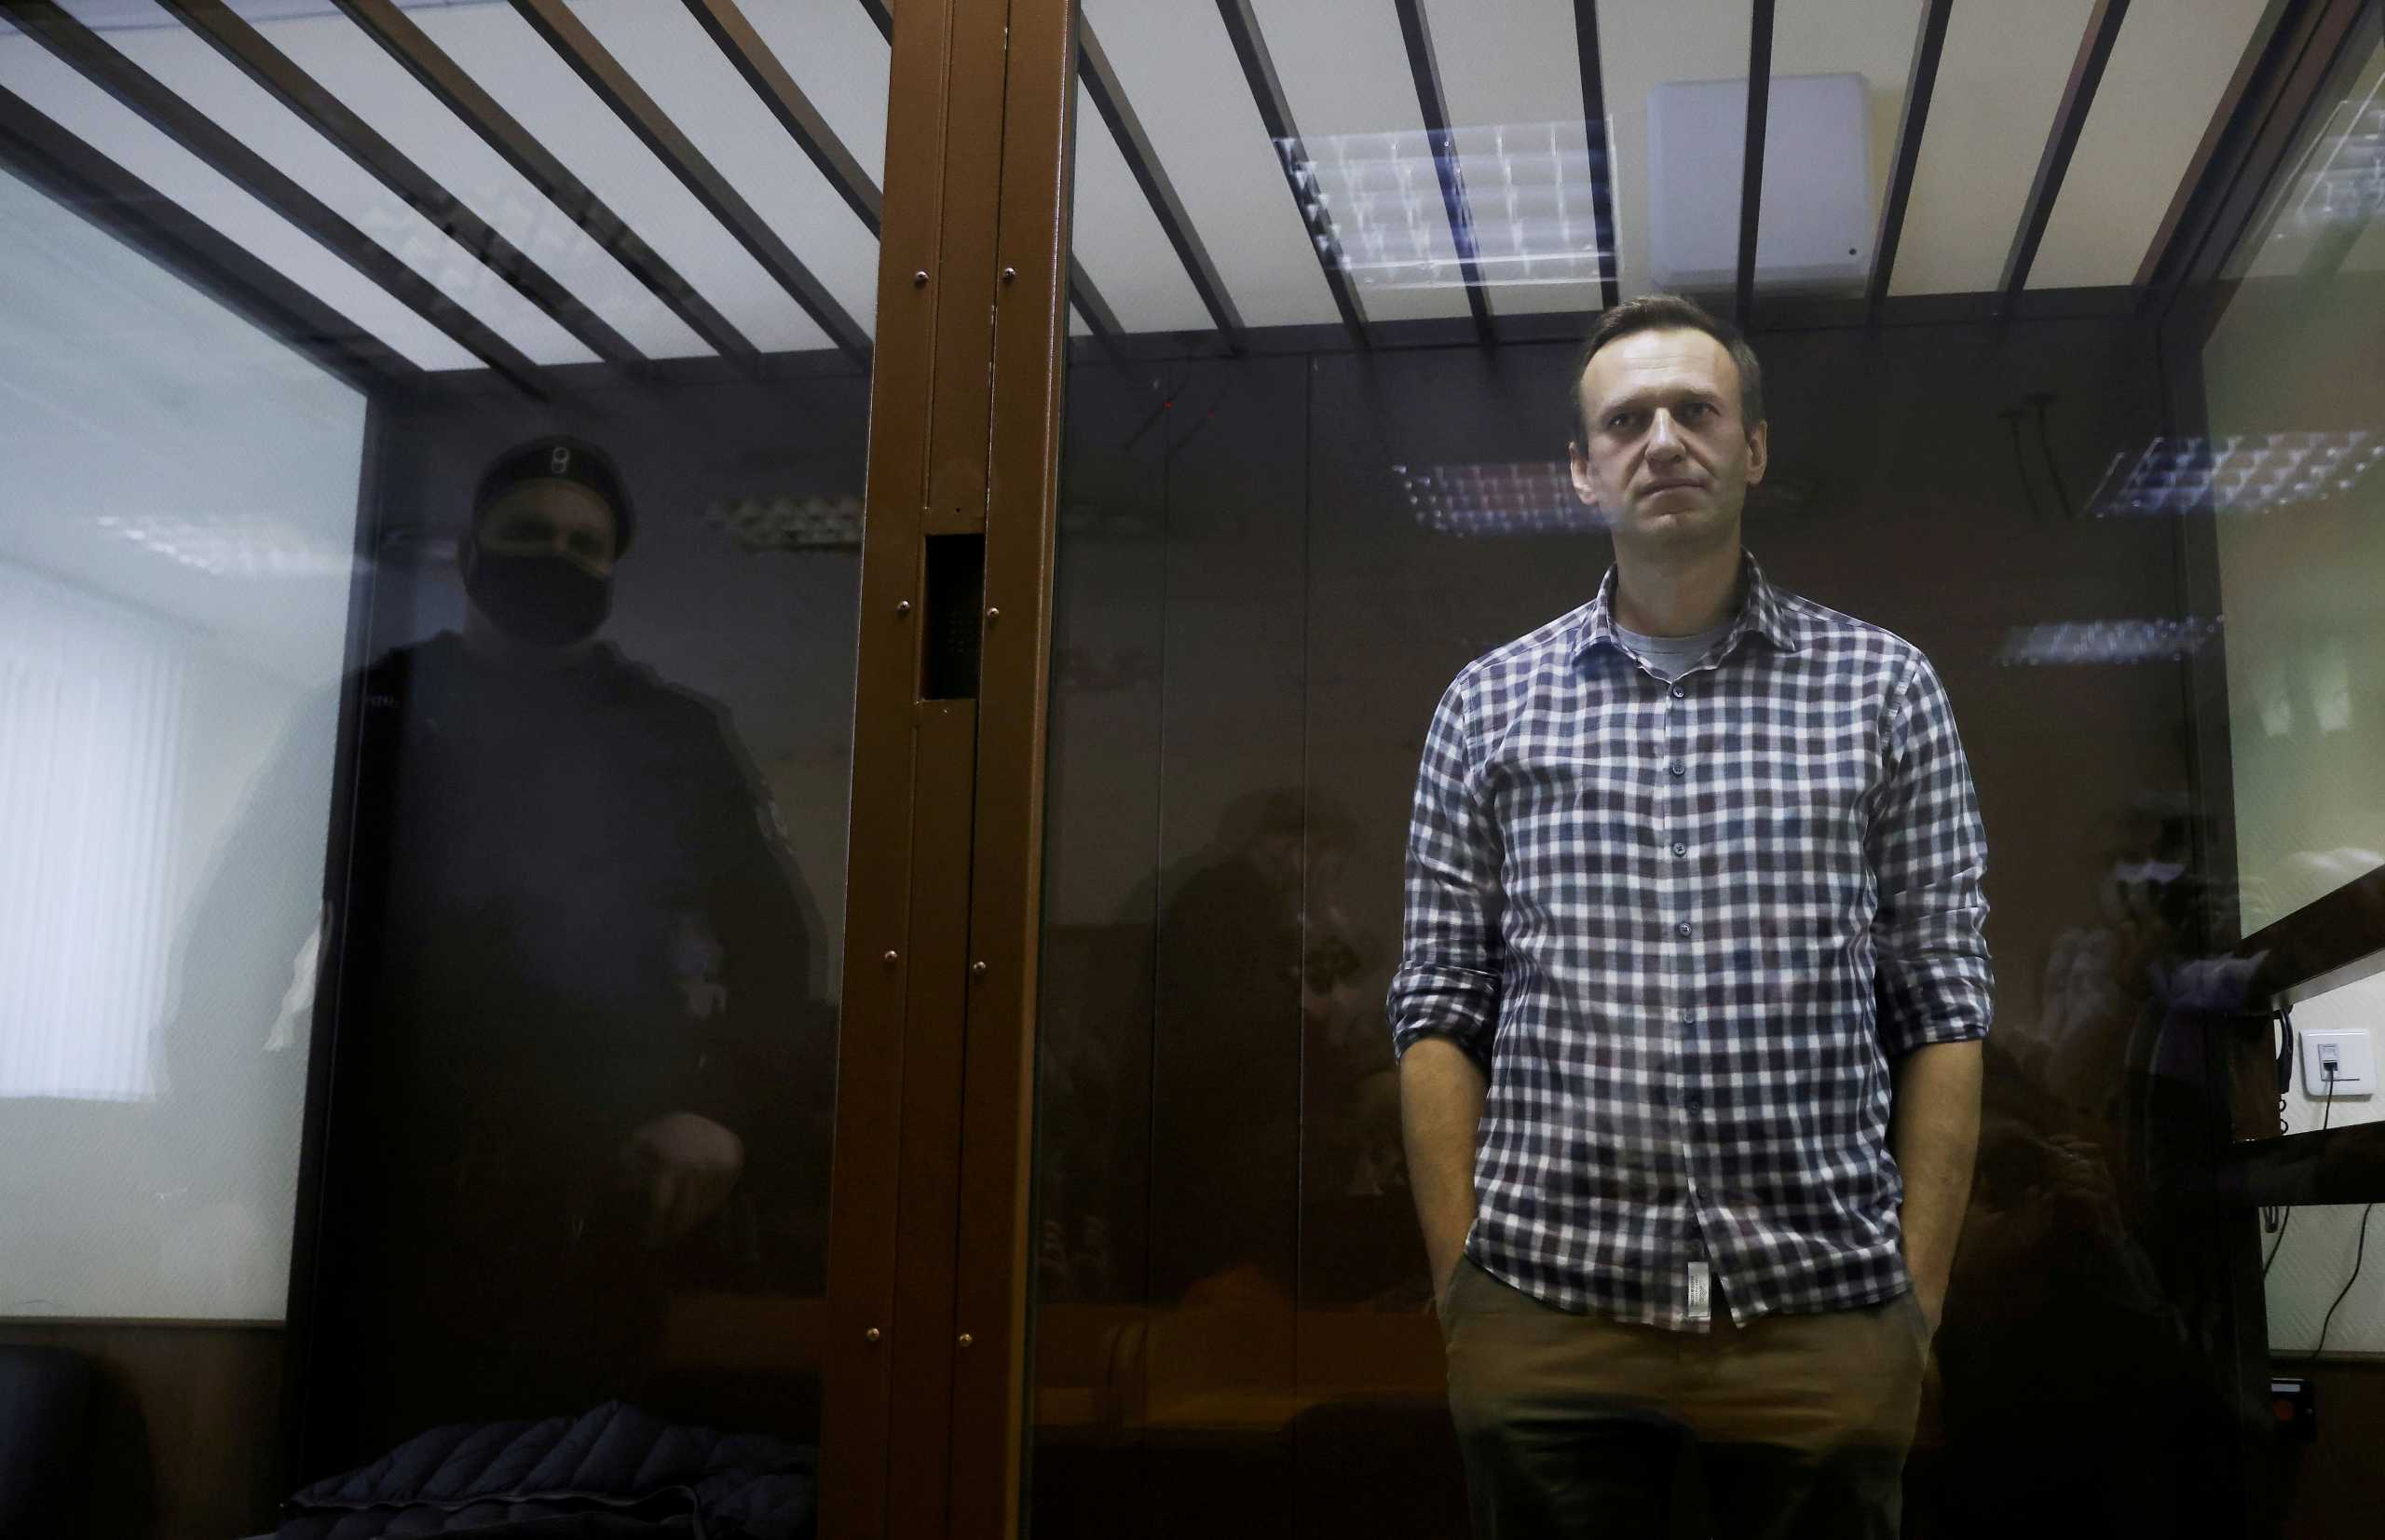 Ναβάλνι: Πάνω από χίλιες συλλήψεις στις διαδηλώσεις σε όλη τη Ρωσία